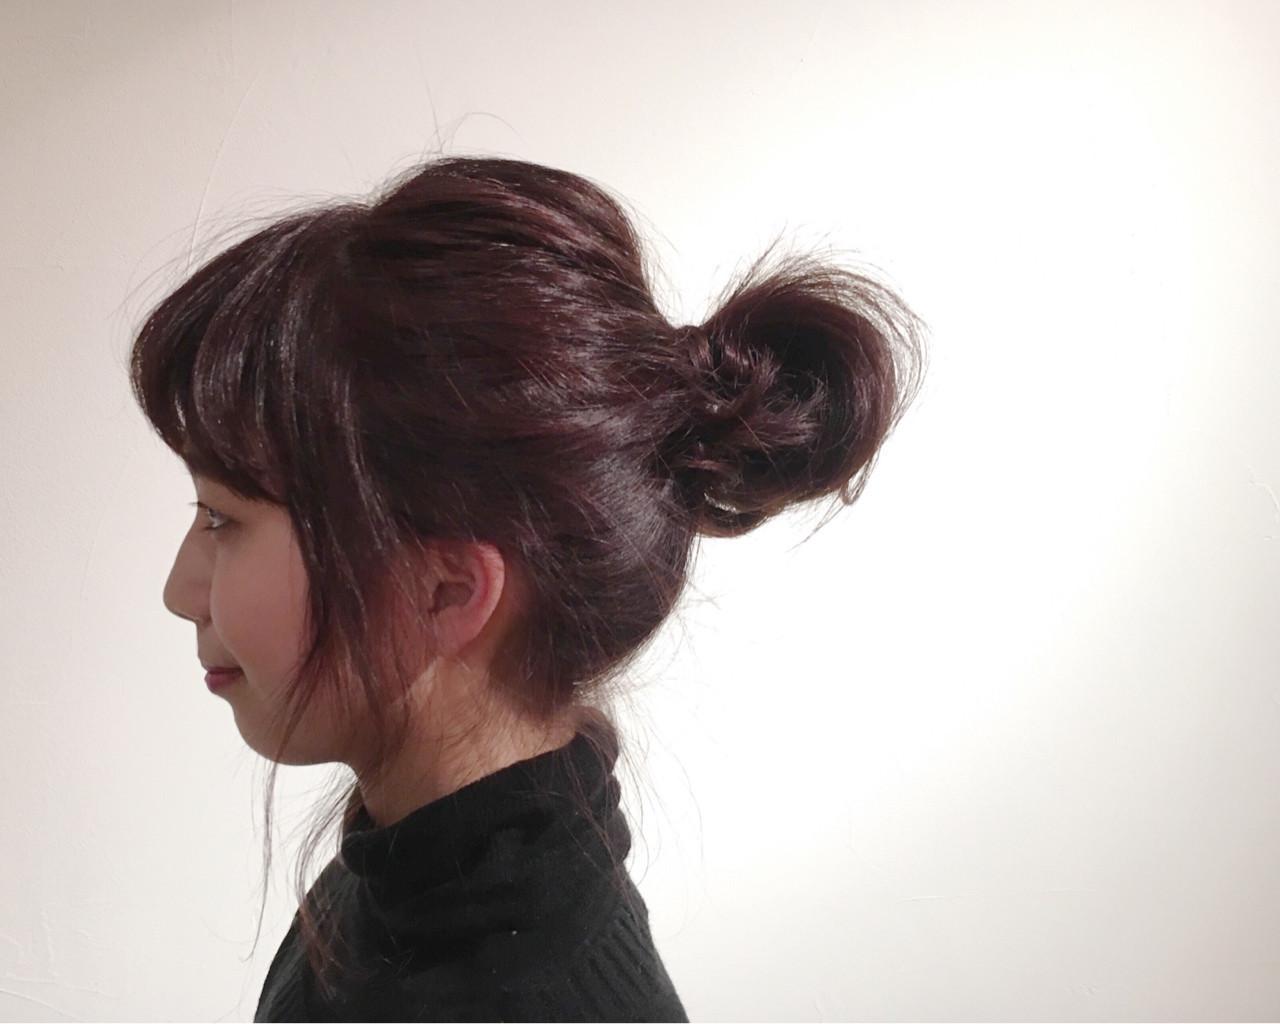 ナチュラル ピンク 簡単ヘアアレンジ お団子 ヘアスタイルや髪型の写真・画像